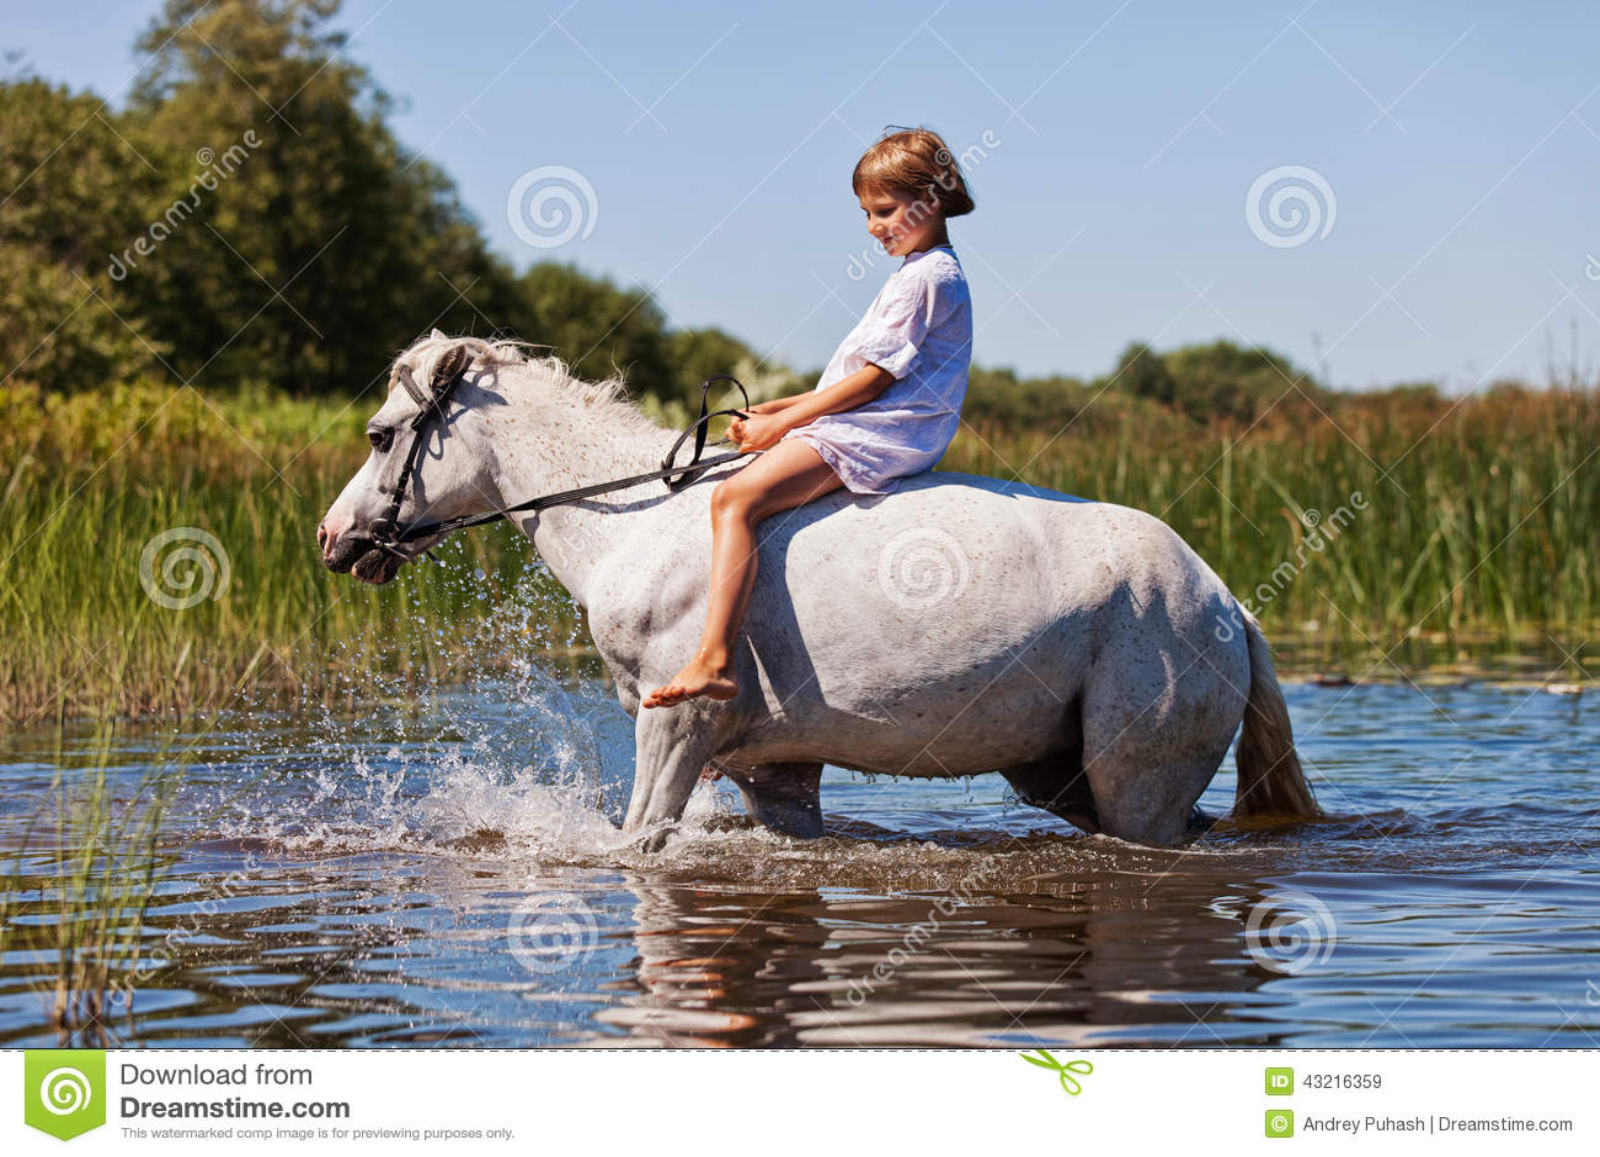 https://thumbs.dreamstime.com/z/dziewczyna-jedzie-konia-w-rzece-43216359.jpg